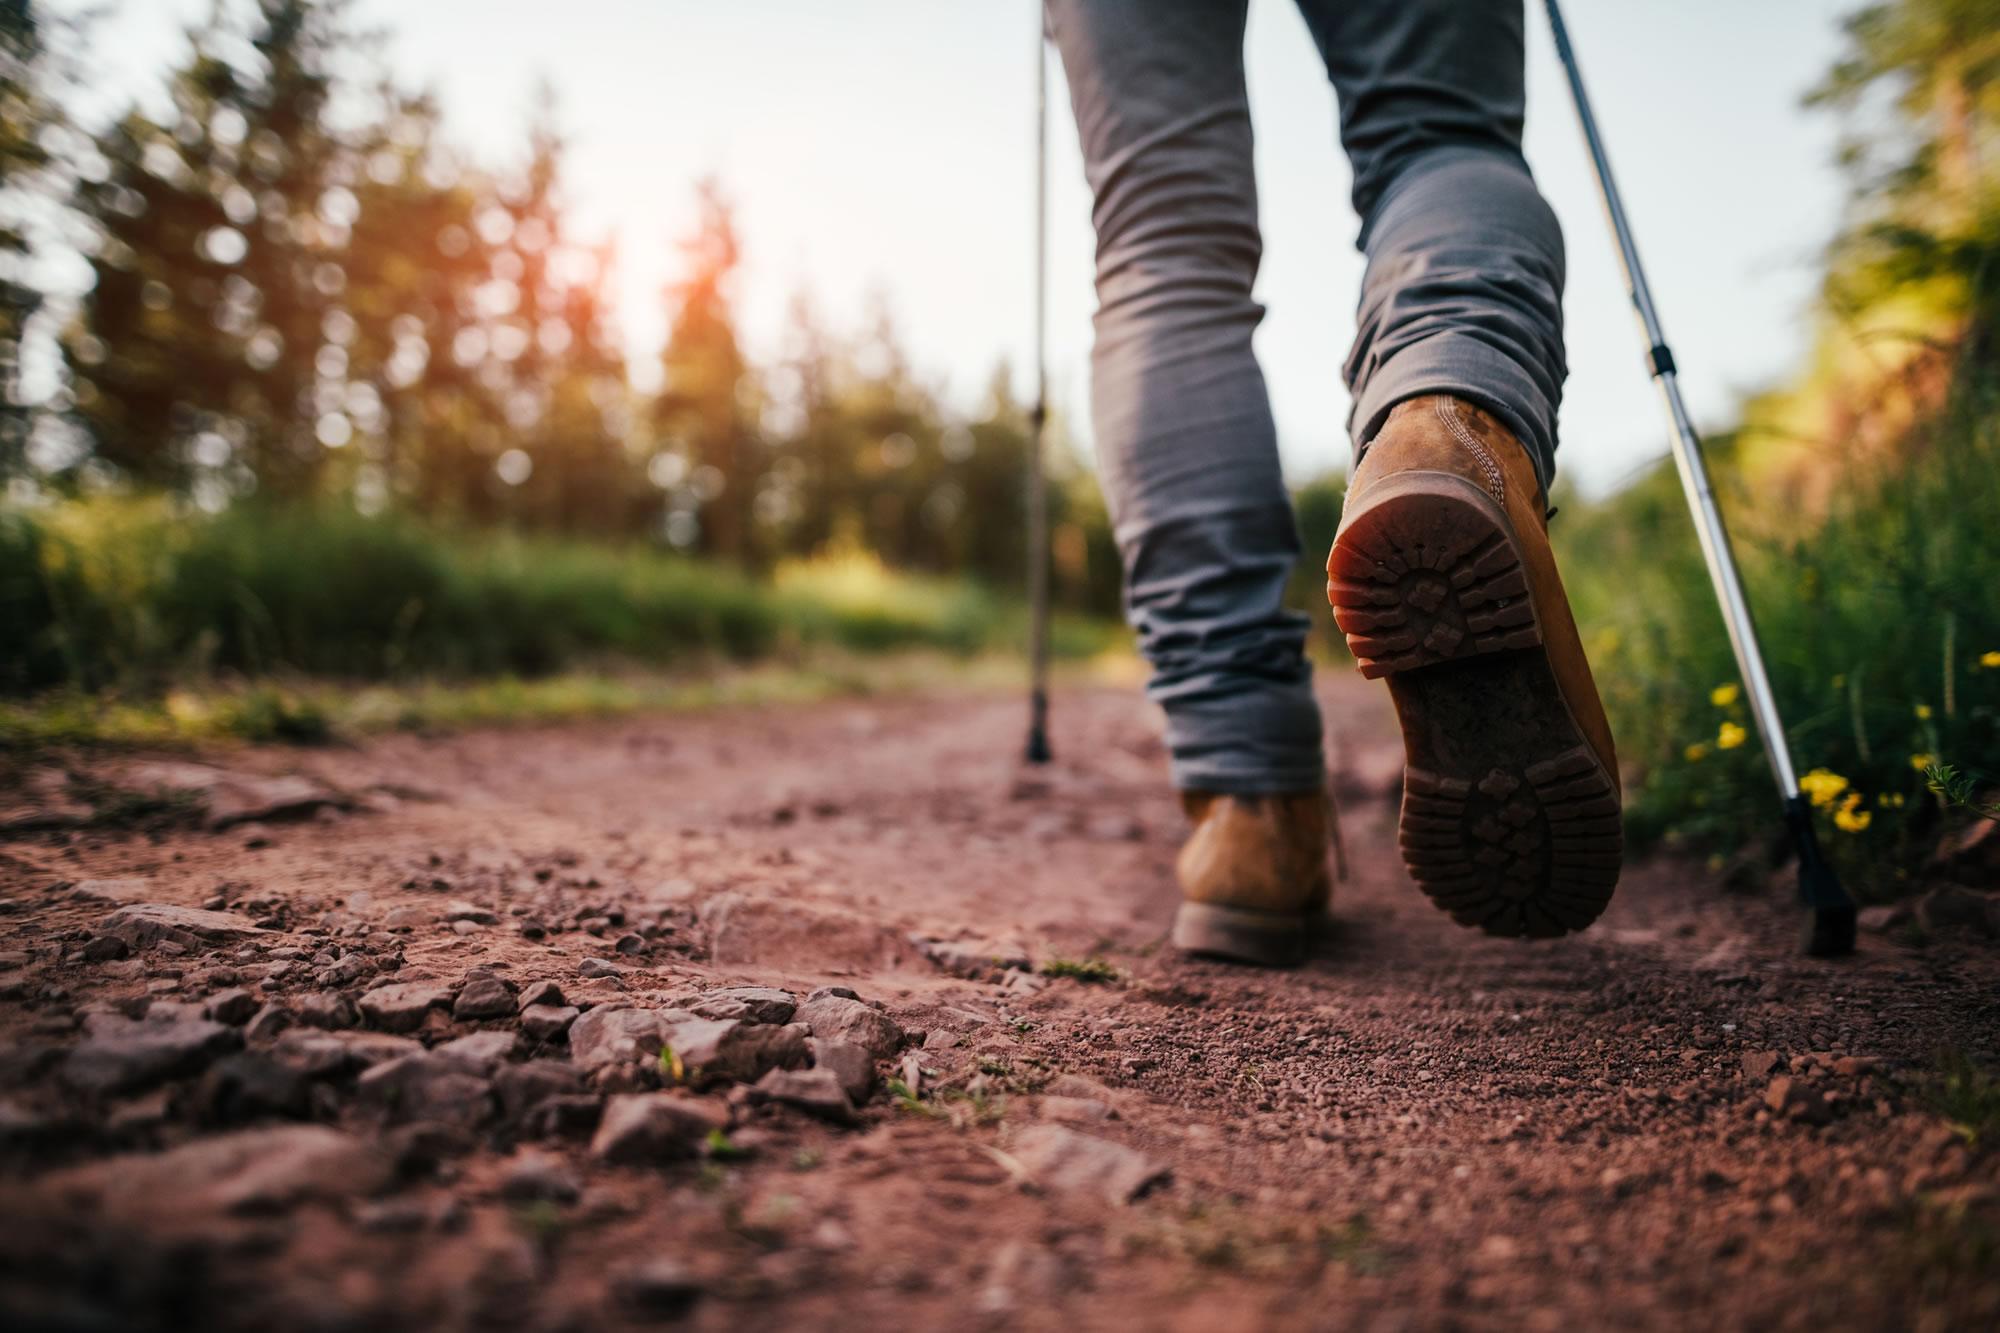 Take a Hike on a Weekly Basis